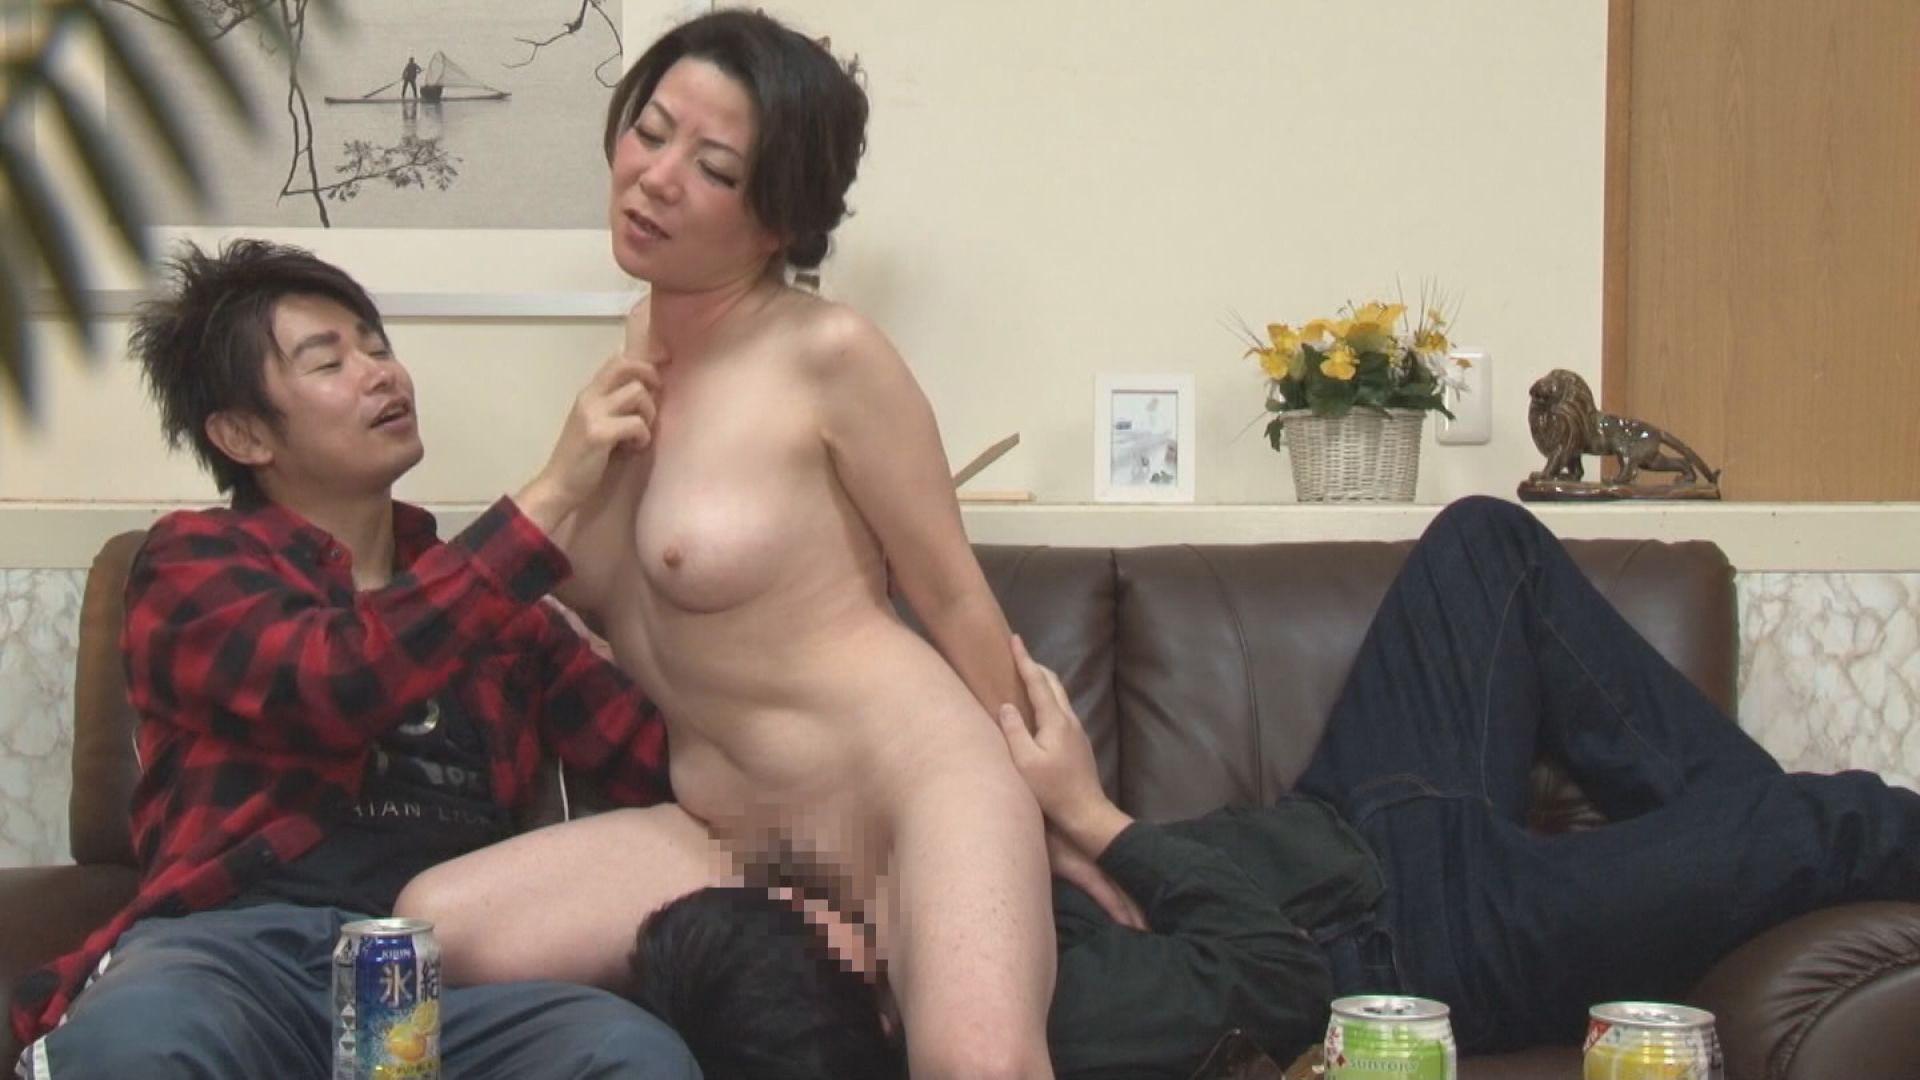 酔っぱらった欲しがり熟女10人が火照ったマ●コさらして濃厚SEX 画像17